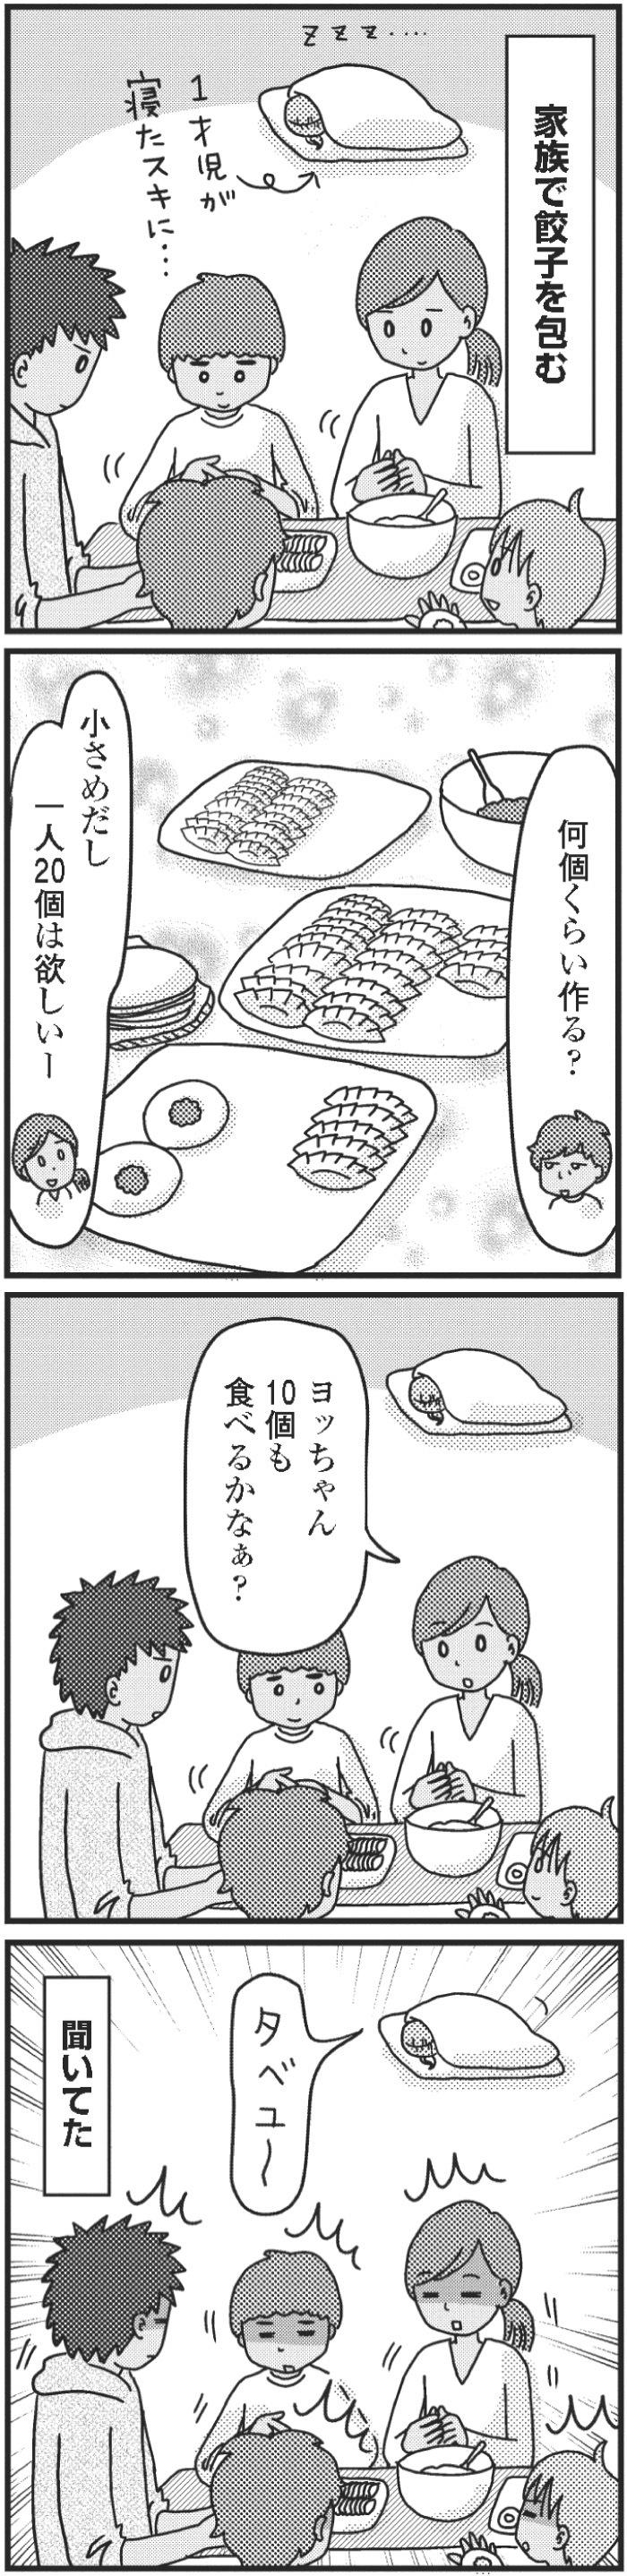 聞こえてますよ!妹ちゃんのお昼寝中にせっせと餃子作り…のハズが!?の画像3